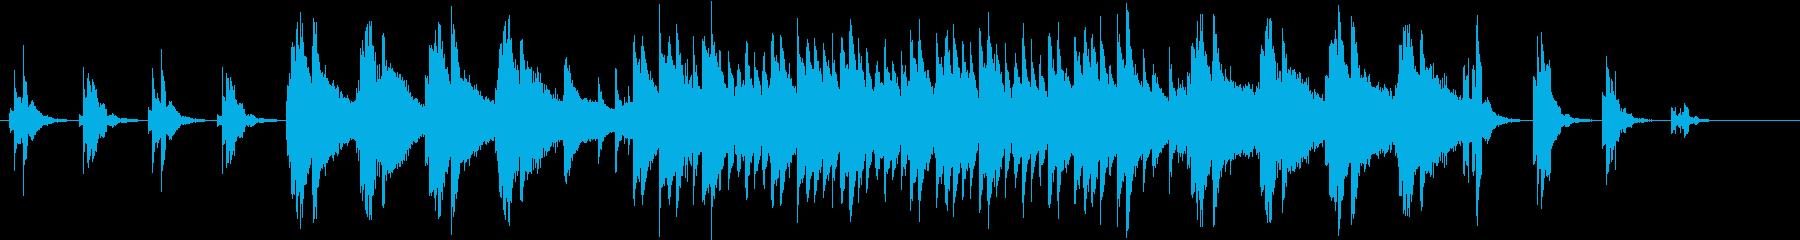 ミニマル、エレクトロニカ、チル、優しいの再生済みの波形